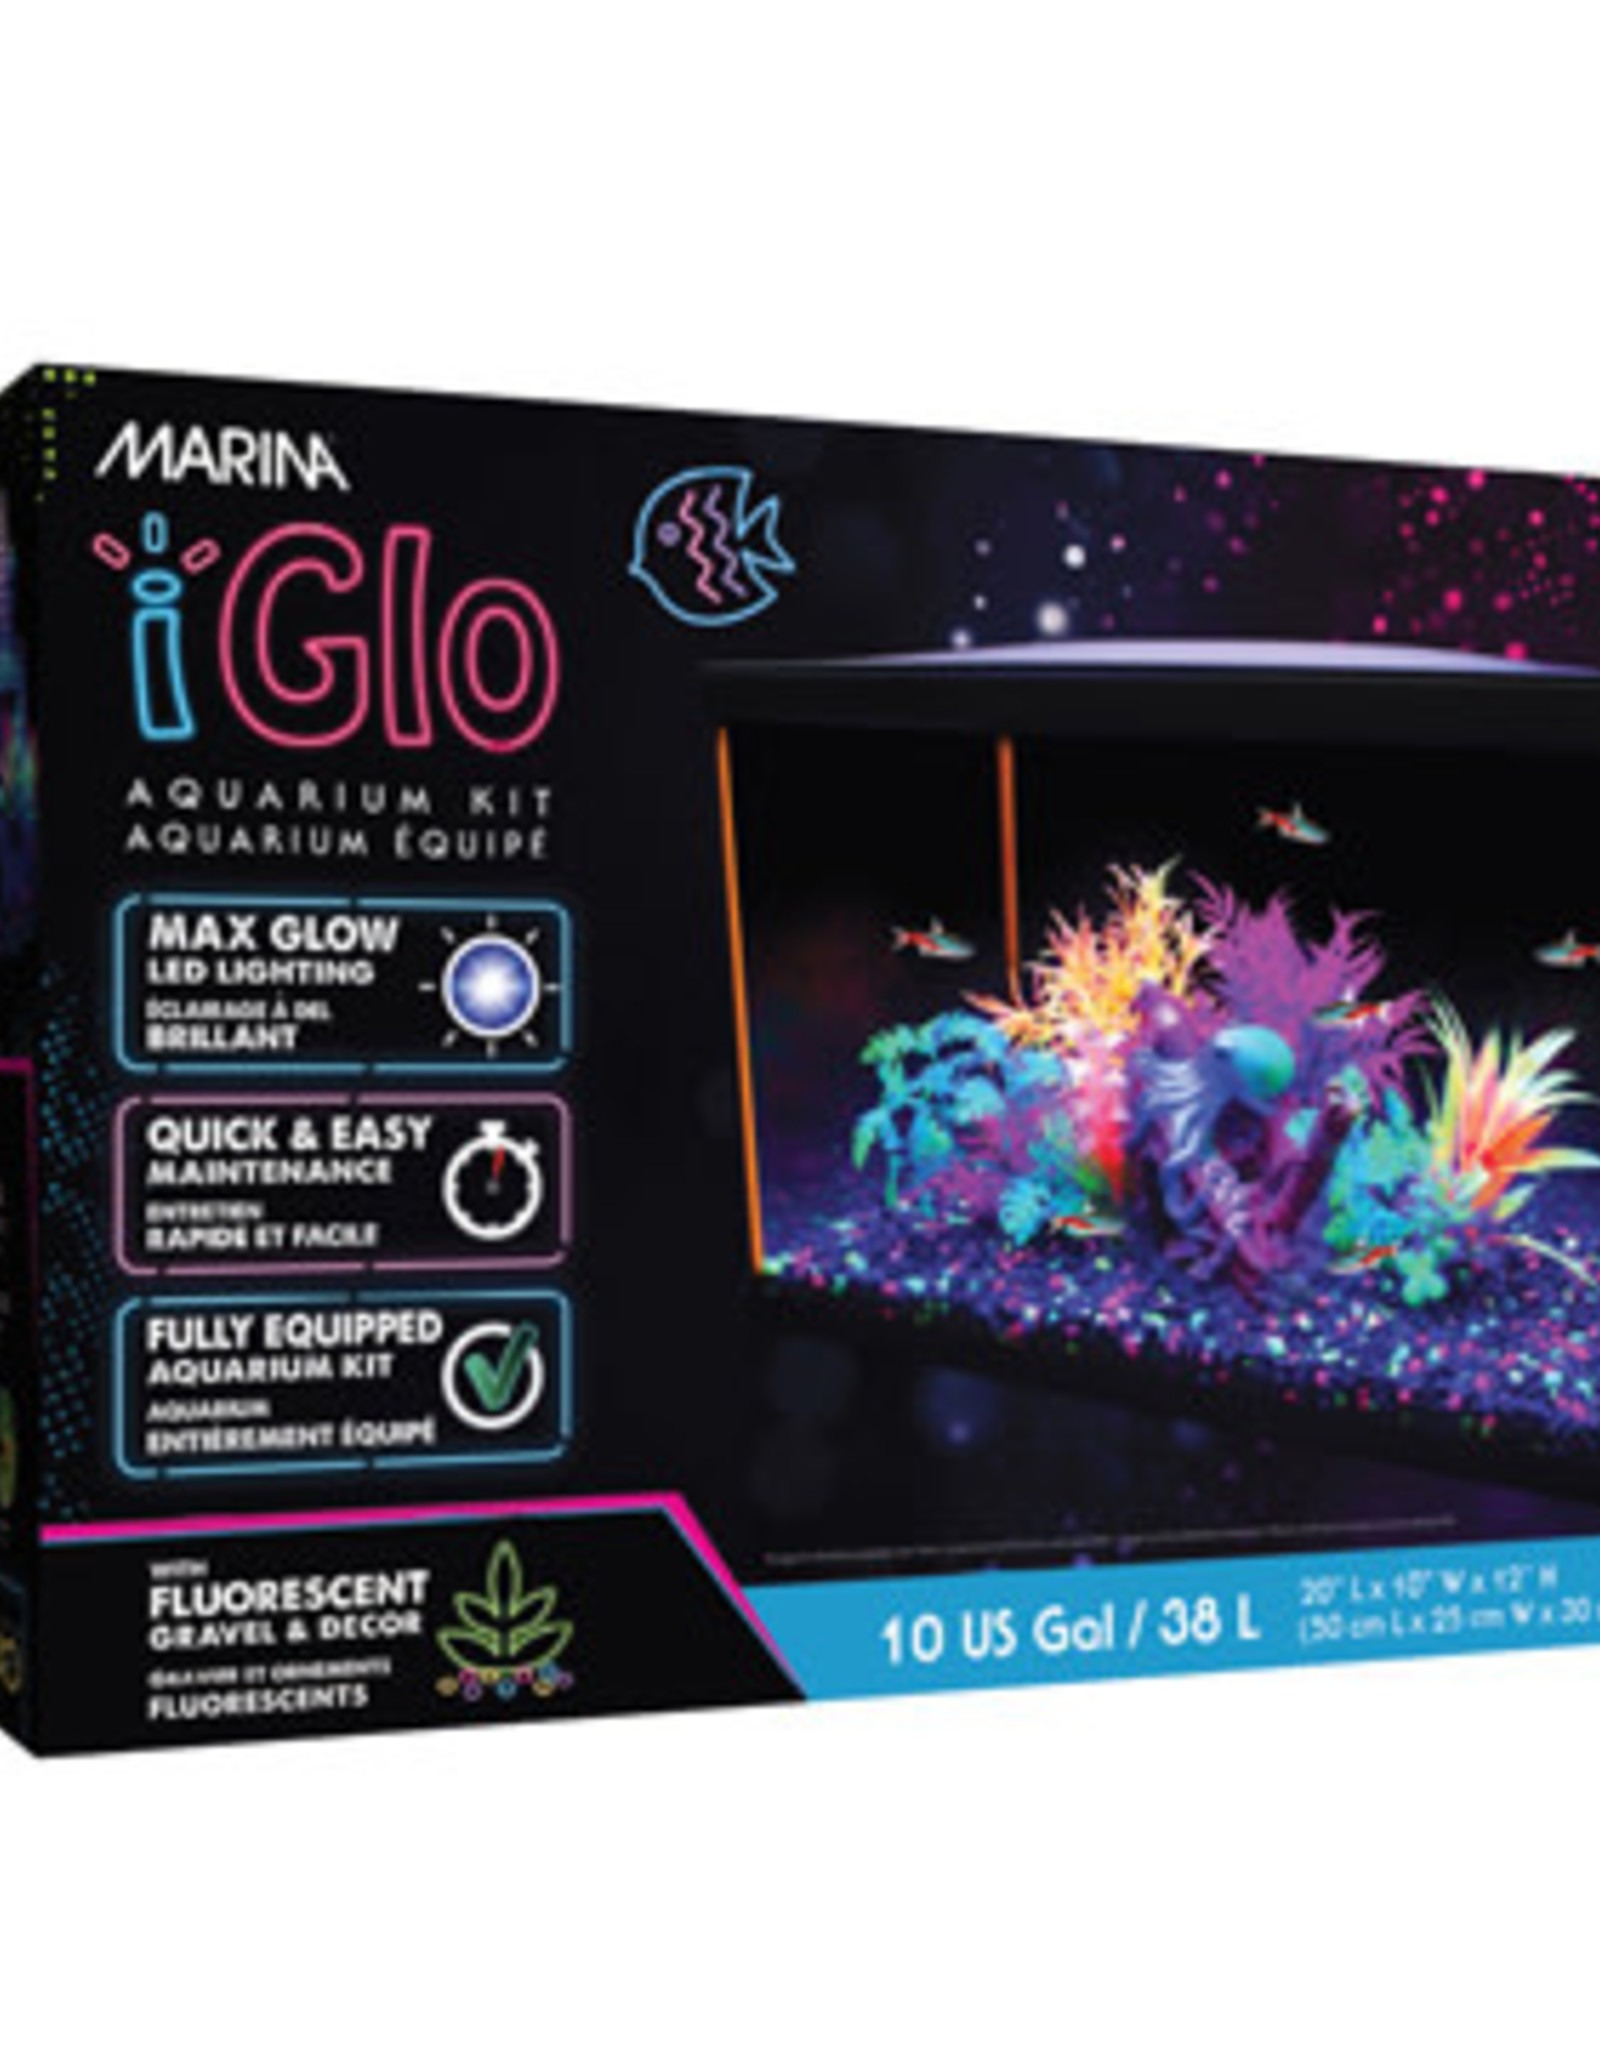 MARINA Marina iGlo Aquarium Kit - 38 L (10 US gal)